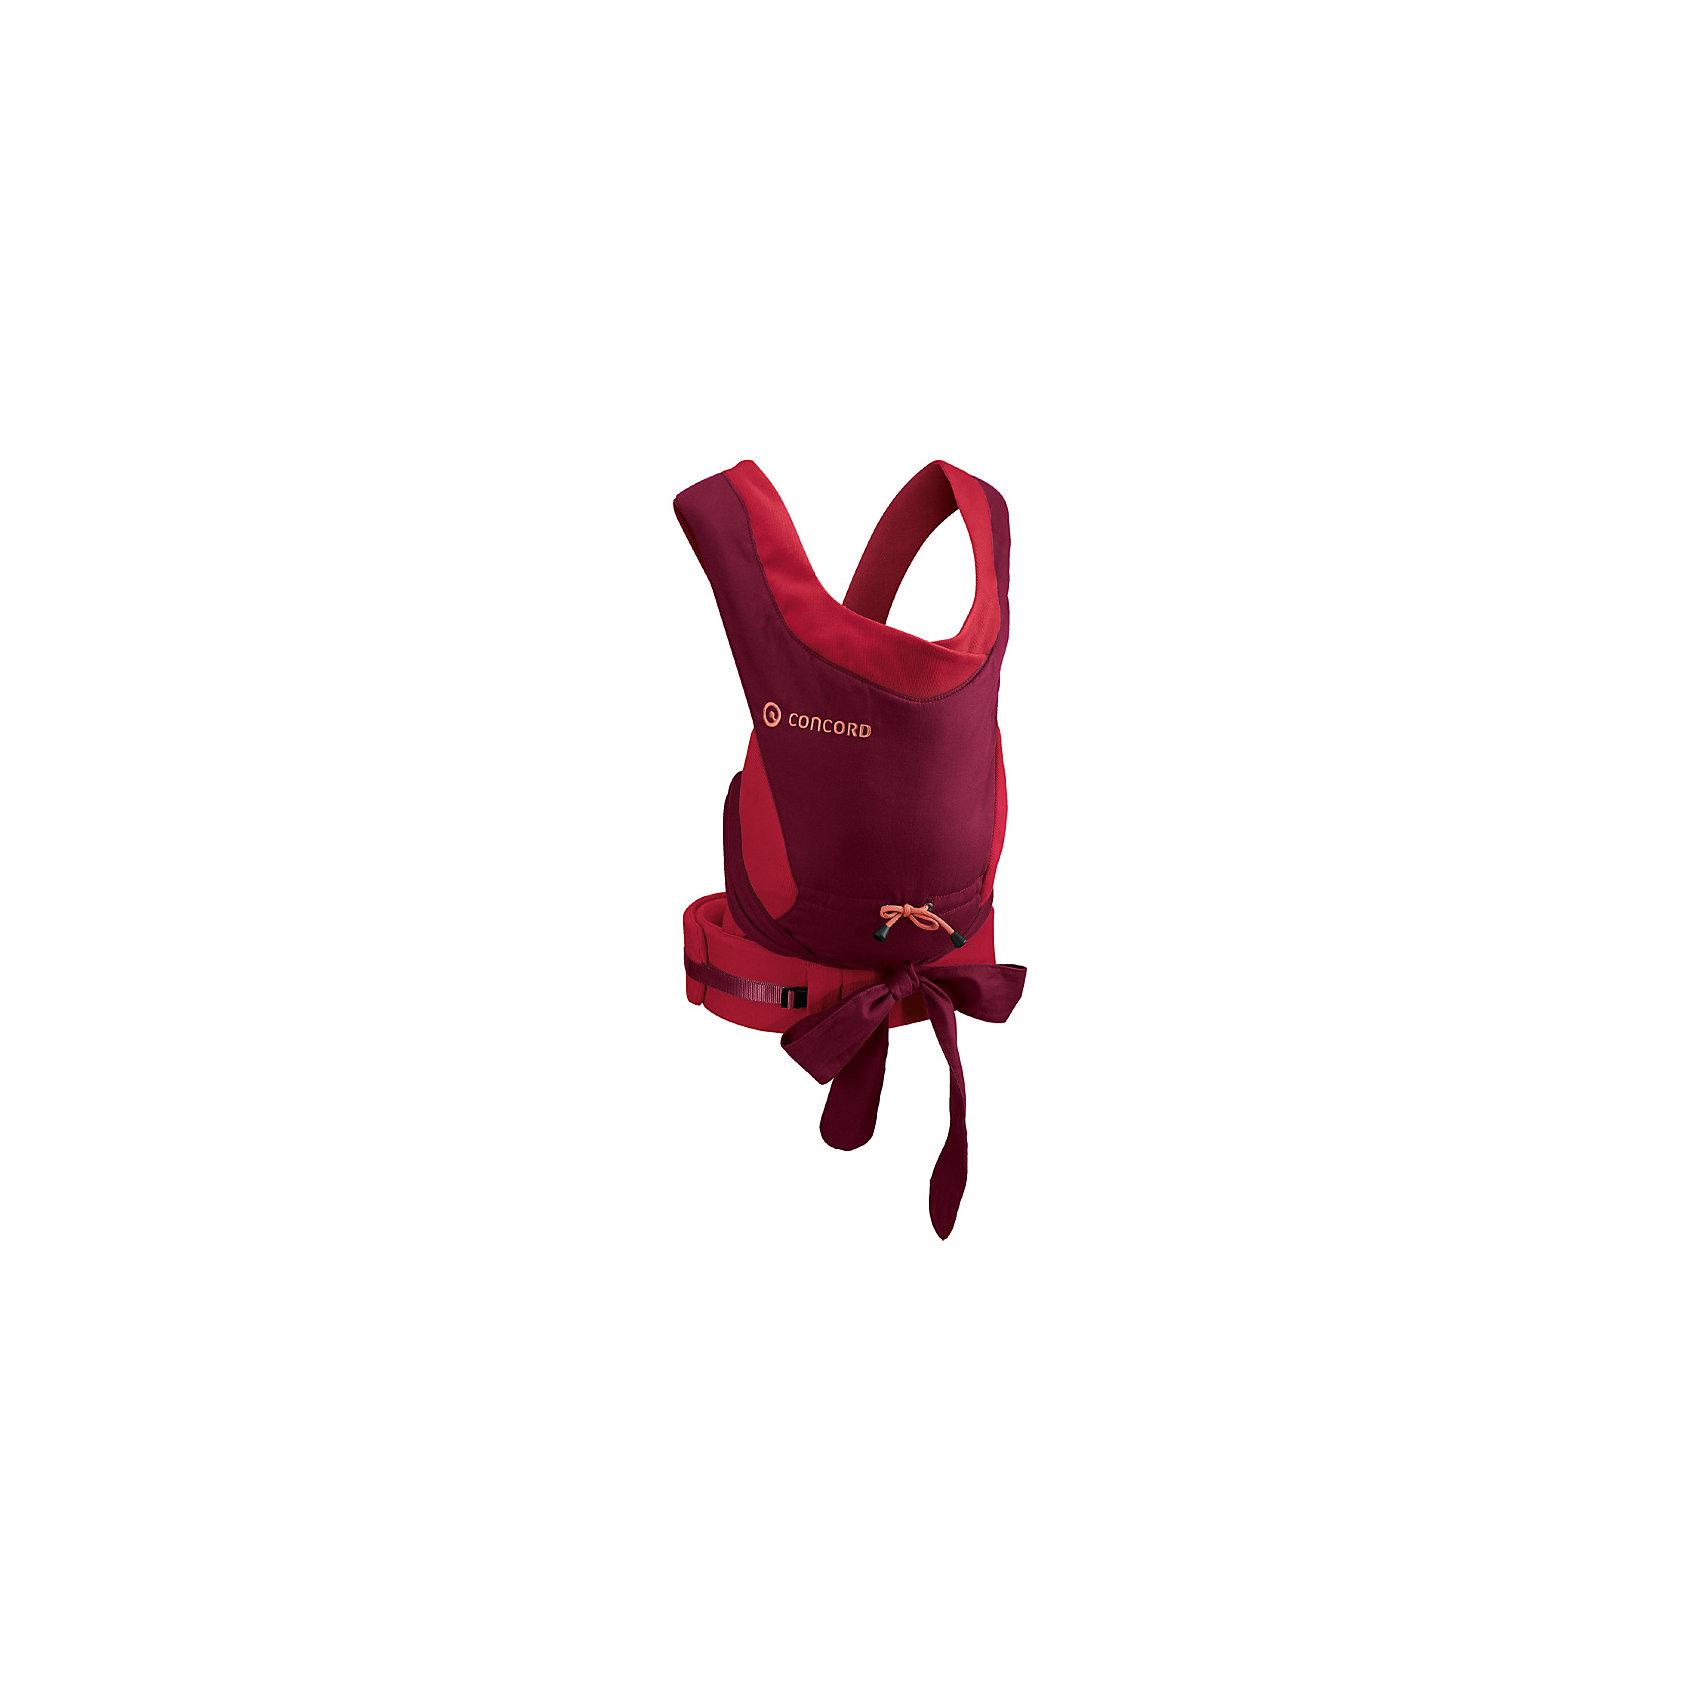 Рюкзак-Кенгуру Wallabee, Concord, Lava RedСлинги и рюкзаки-переноски<br>Рюкзак-кенгуру Concord Wallabee от компании Concord - новинка 2014 года.<br><br>• 2 положения переноски - спереди и на спине.<br>• эргономичный дизайн: соответствует положению spread-squat, рекомендованному ортопедами<br>• специальная манжета для поддержки головы малыша<br>• материал из 100% хлопка обеспечивает максимум комфорта малышу<br>• широкие плечевые лямки ремней, перекрещивающиеся на спине взрослого, а так же поясничный ремень обеспечивают оптимальное распределение веса малыша при переноске<br>• дизайн унисекс - Concord Wallabee подходит и для мамы и для папы<br>• Wallabee максимально плотно прилегает к телу благодаря регулировке затяжки поясничного ремня. <br>• супер-компактна в сложенном виде.<br><br>Ширина мм: 370<br>Глубина мм: 250<br>Высота мм: 70<br>Вес г: 1500<br>Возраст от месяцев: 0<br>Возраст до месяцев: 36<br>Пол: Унисекс<br>Возраст: Детский<br>SKU: 5485180